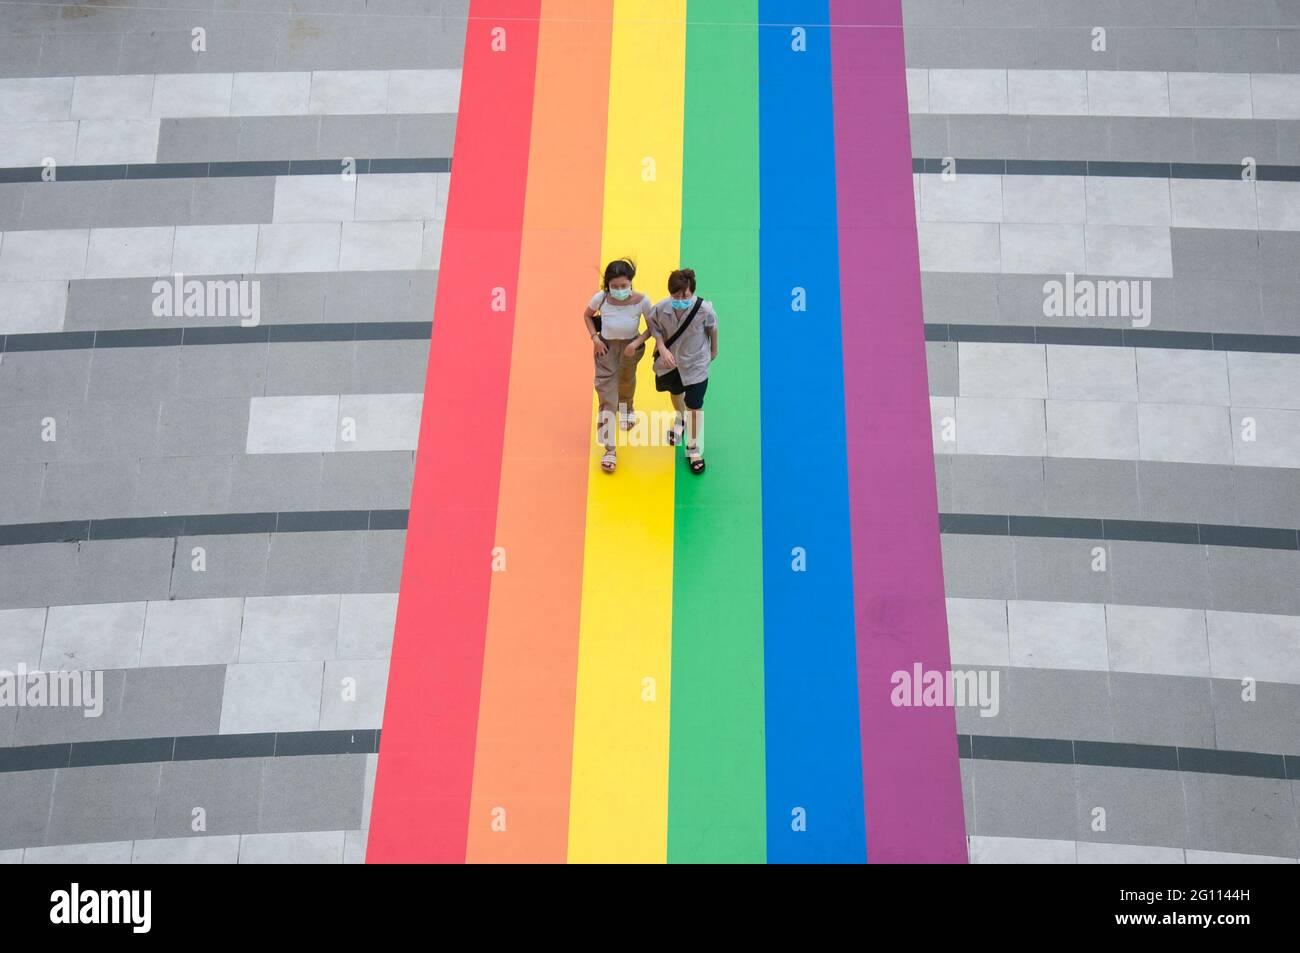 """Bangkok, Thailand. Juni 2021. Die Menschen laufen auf einer riesigen Regenbogenfahne, die am Eingang des Einkaufszentrums Samyan Mitrtown angebracht ist.Samyan Mitrtown, ein gemischtes Einkaufszentrum, ein Büro, Die Wohn- und Freizeitentwicklung feierte den LGBTQ Pride Month 2021, indem sie den Boden am Eingang und den Tunnel der Mall mit der riesigen und langen Regenbogenfahne dekorierte. """"Samyan Mitr Proud 100% Love"""" in Bangkok, Thailand. Kredit: SOPA Images Limited/Alamy Live Nachrichten Stockfoto"""